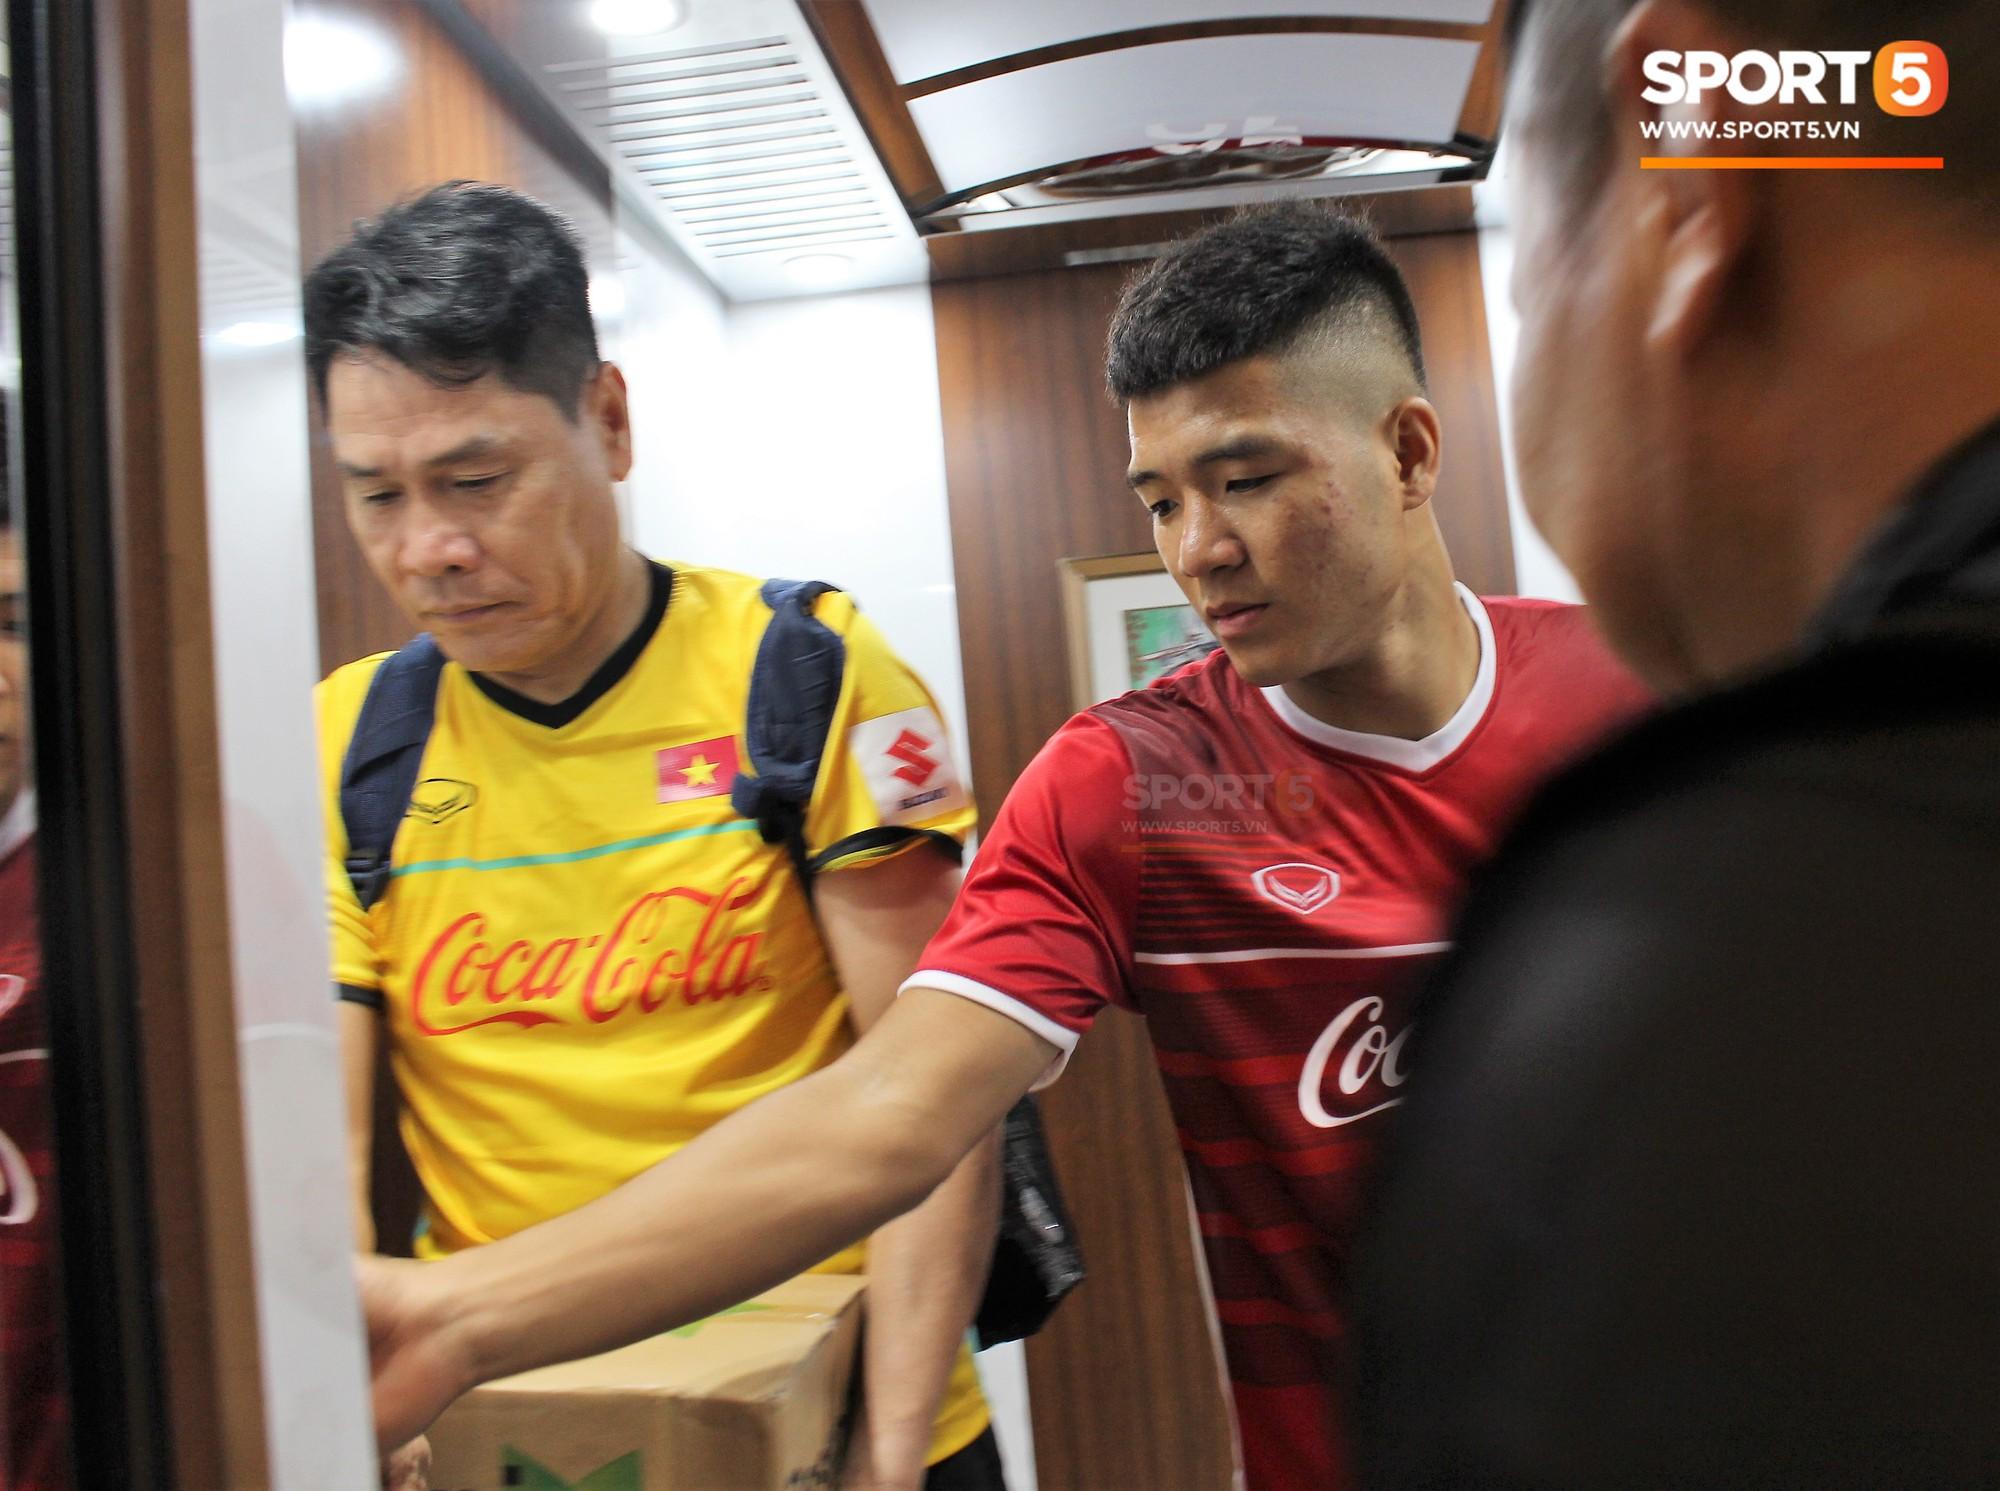 Hà Đức Chinh kêu trời vì đau bụng sau buổi tập đầu tiên cùng đội tuyển Việt Nam chuẩn bị cho AFF Cup 2018-4